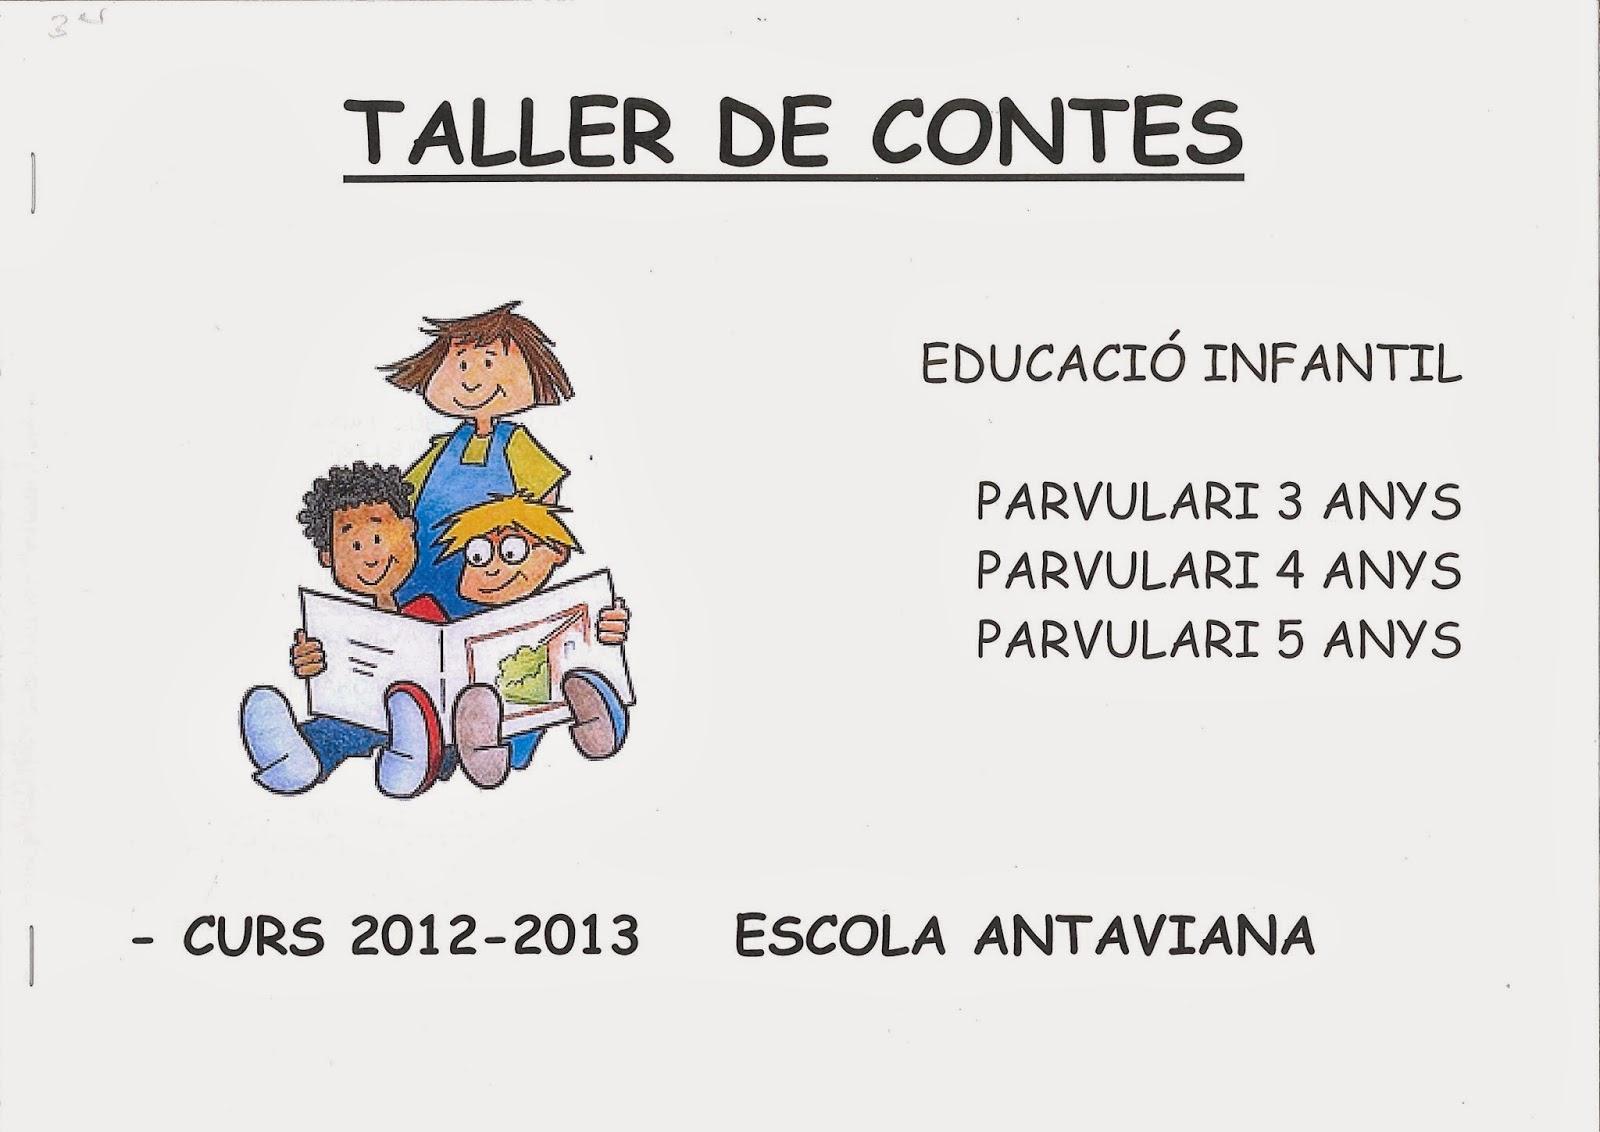 http://issuu.com/blocsdantaviana/docs/dossier_contes_2012-13